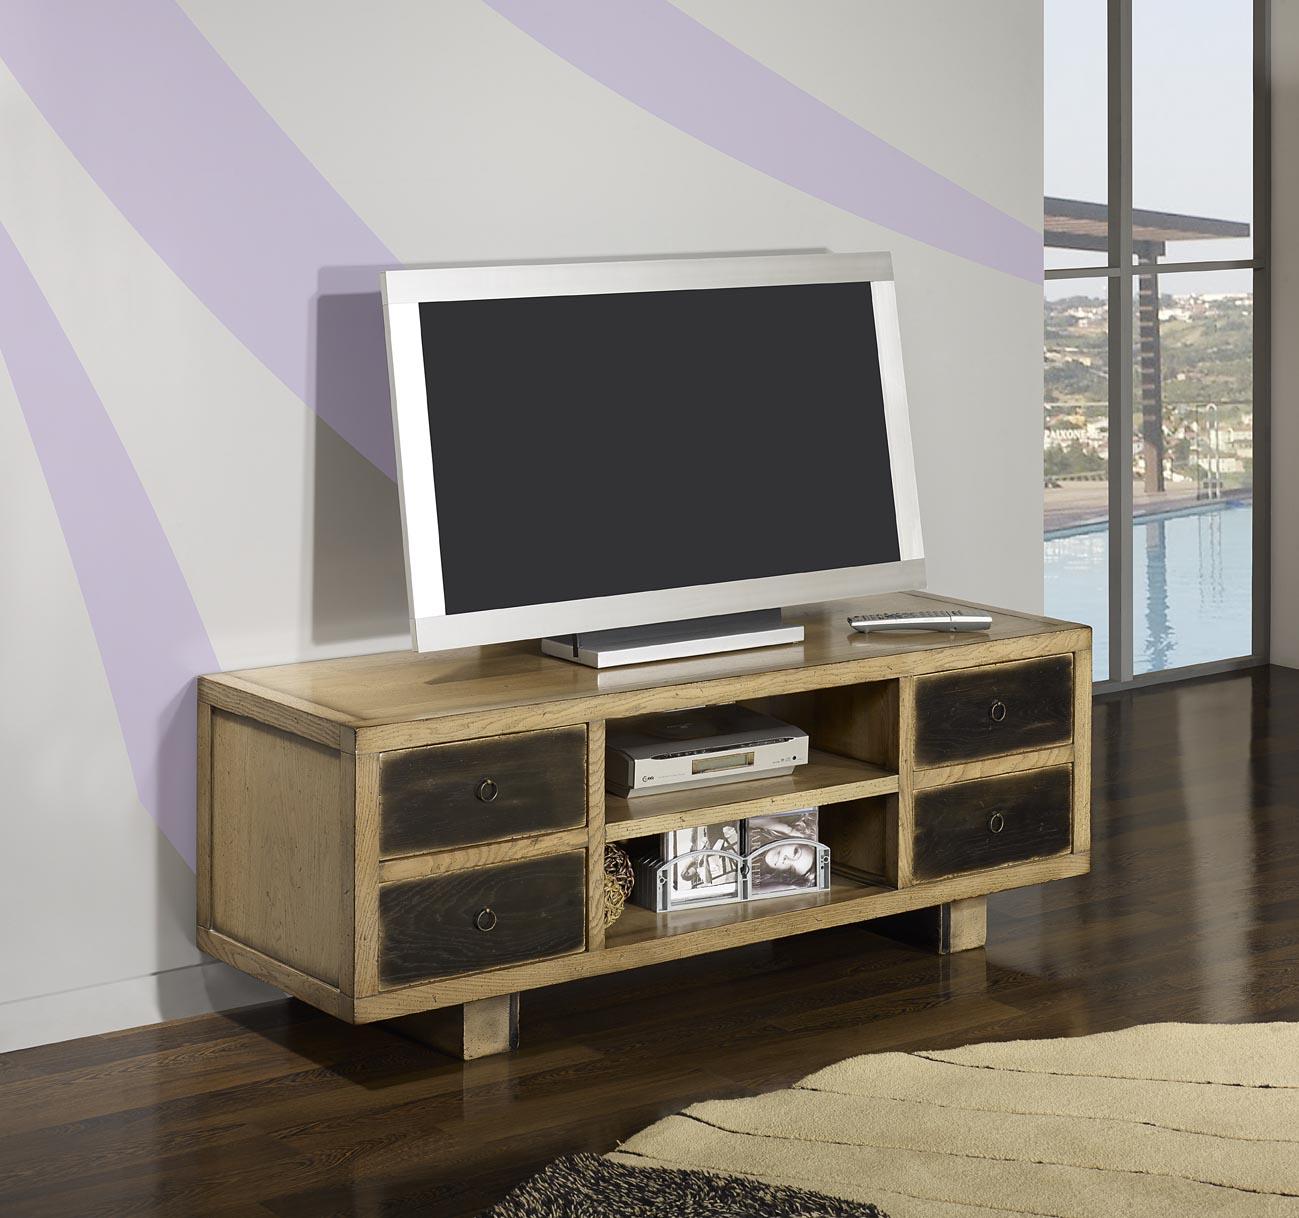 Meuble Tv Vintage 4 Tiroirs En Ch Ne Massif De Style Contemporain  # Meuble Tv Contemporain Bois Massif